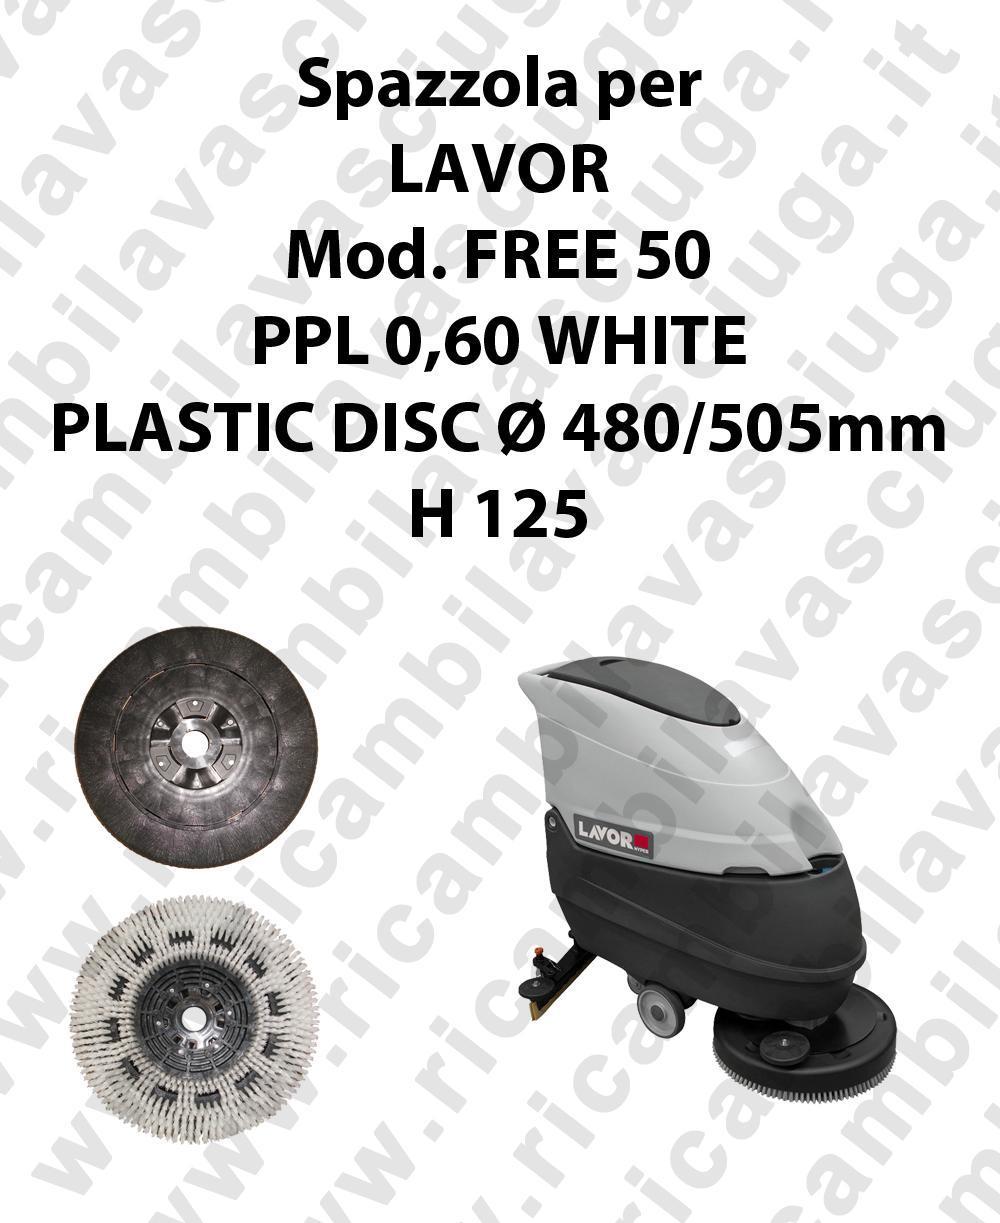 Cleaning Brush PPL 0,60 WHITE for scrubber dryer LAVOR Model FREE 50